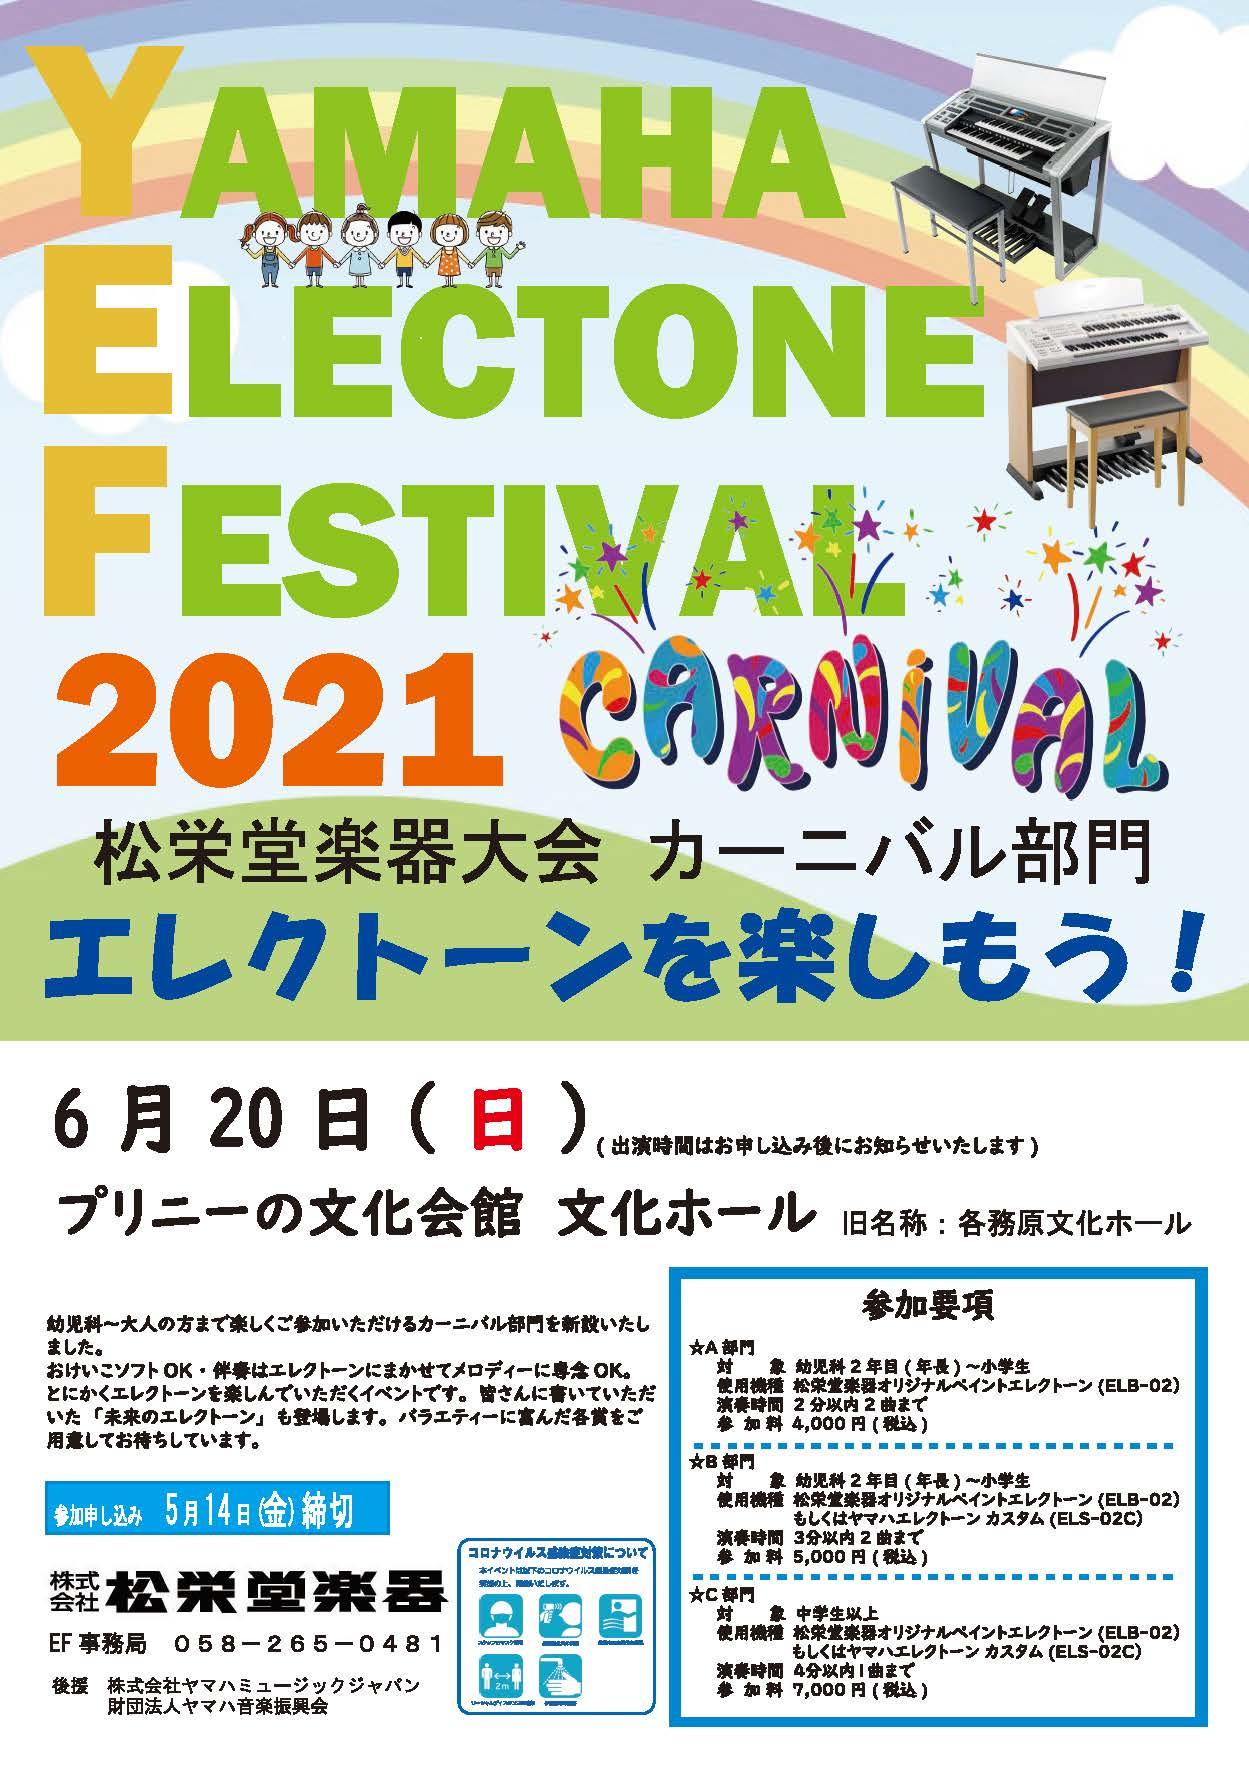 エレクトーンフェスティバル2021-カーニバル